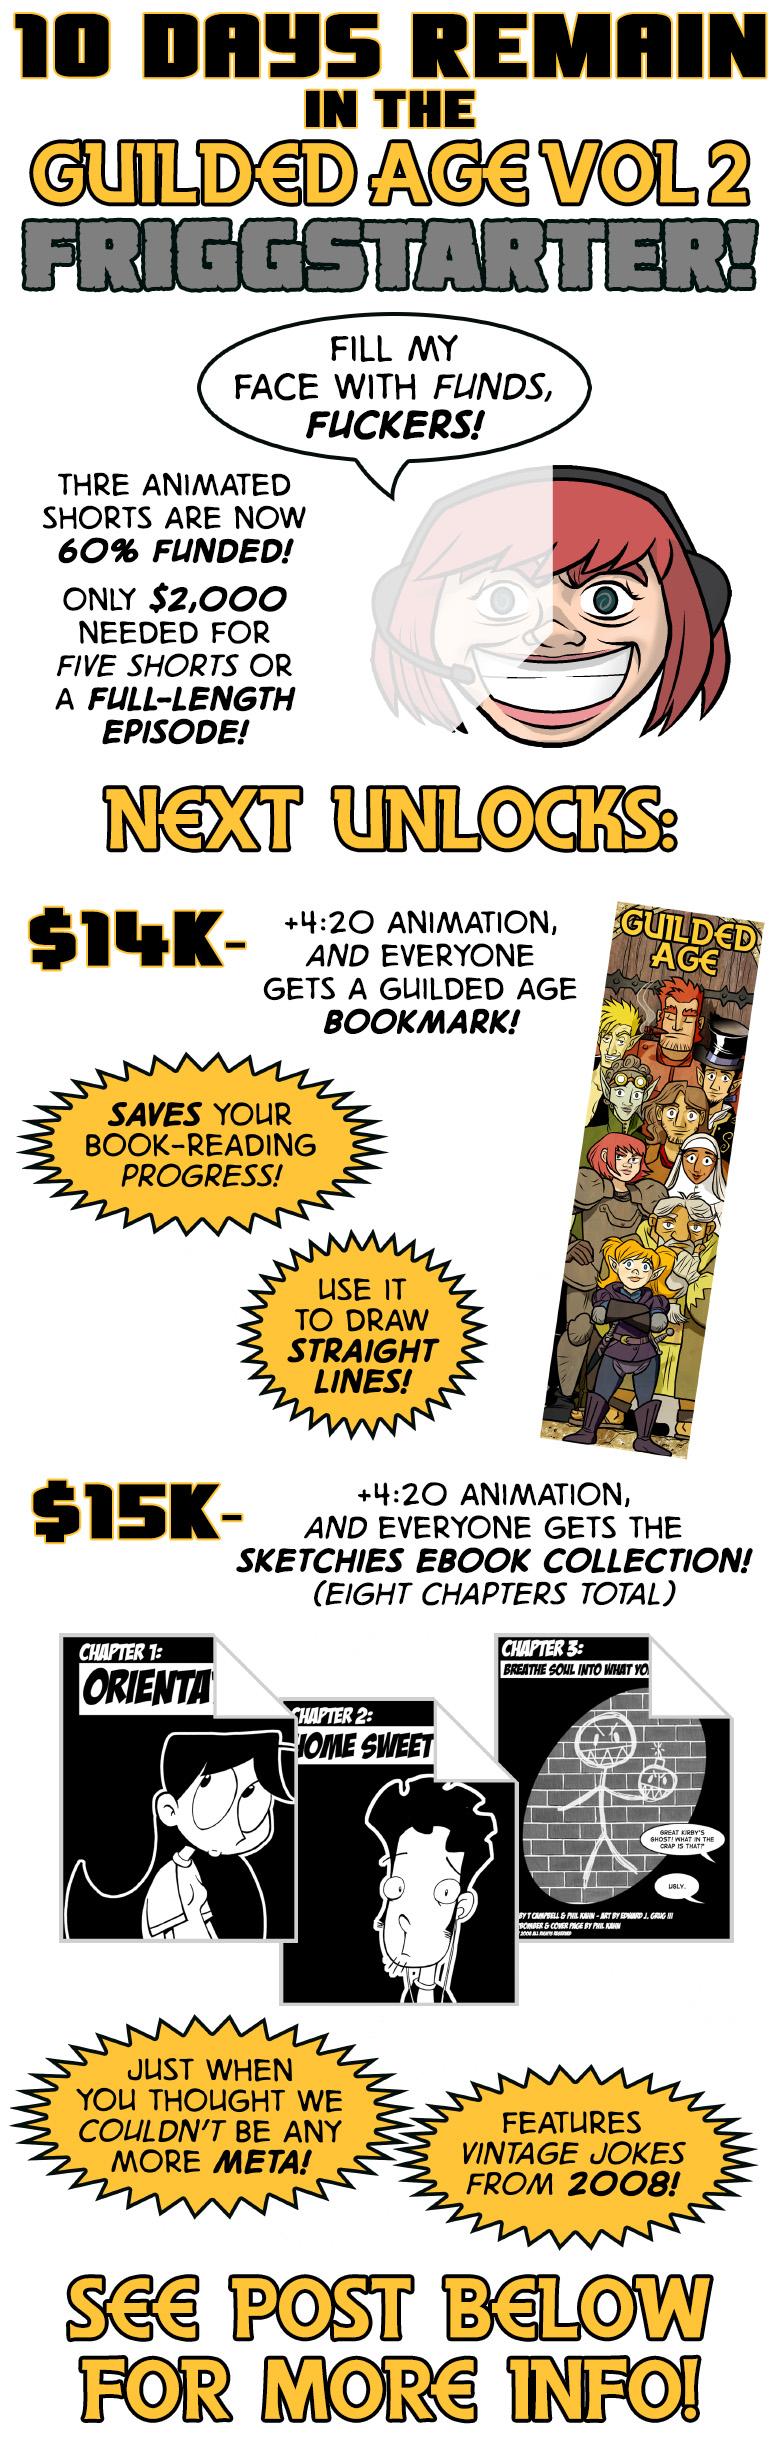 Kickstarter 8 Days Anno